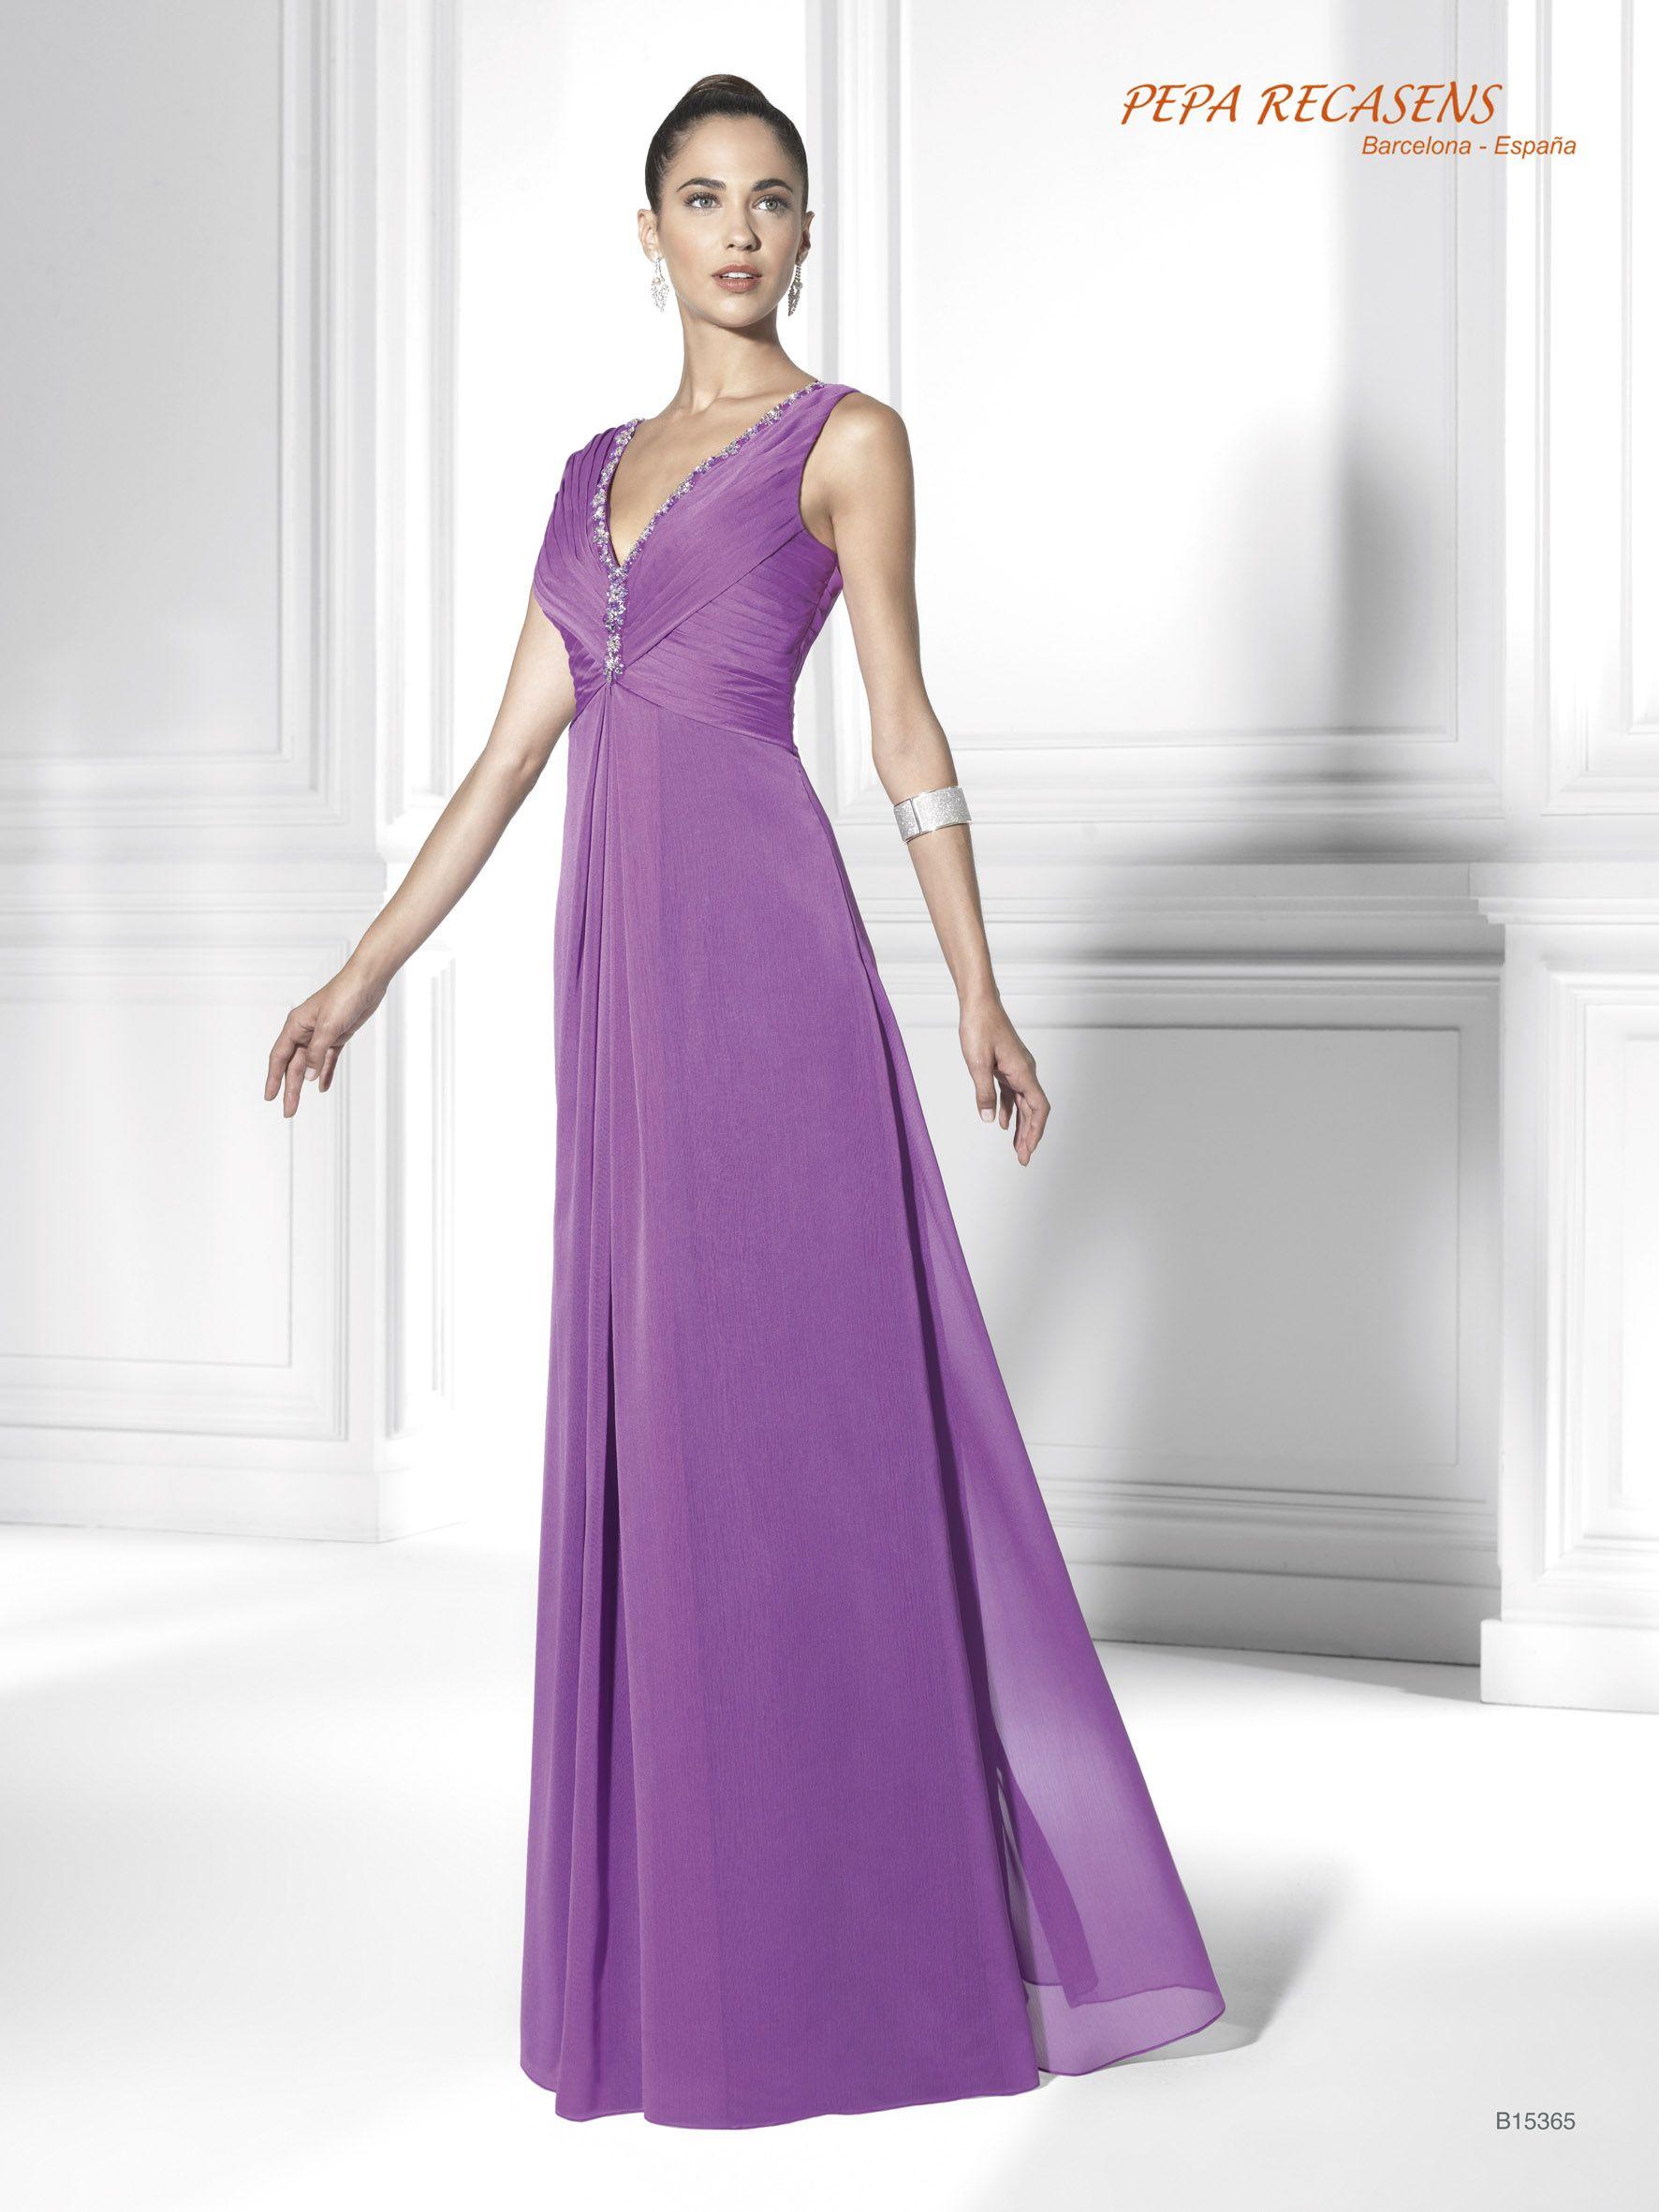 Majestuoso vestido violeta en chiffon de seda para ocasiones ...